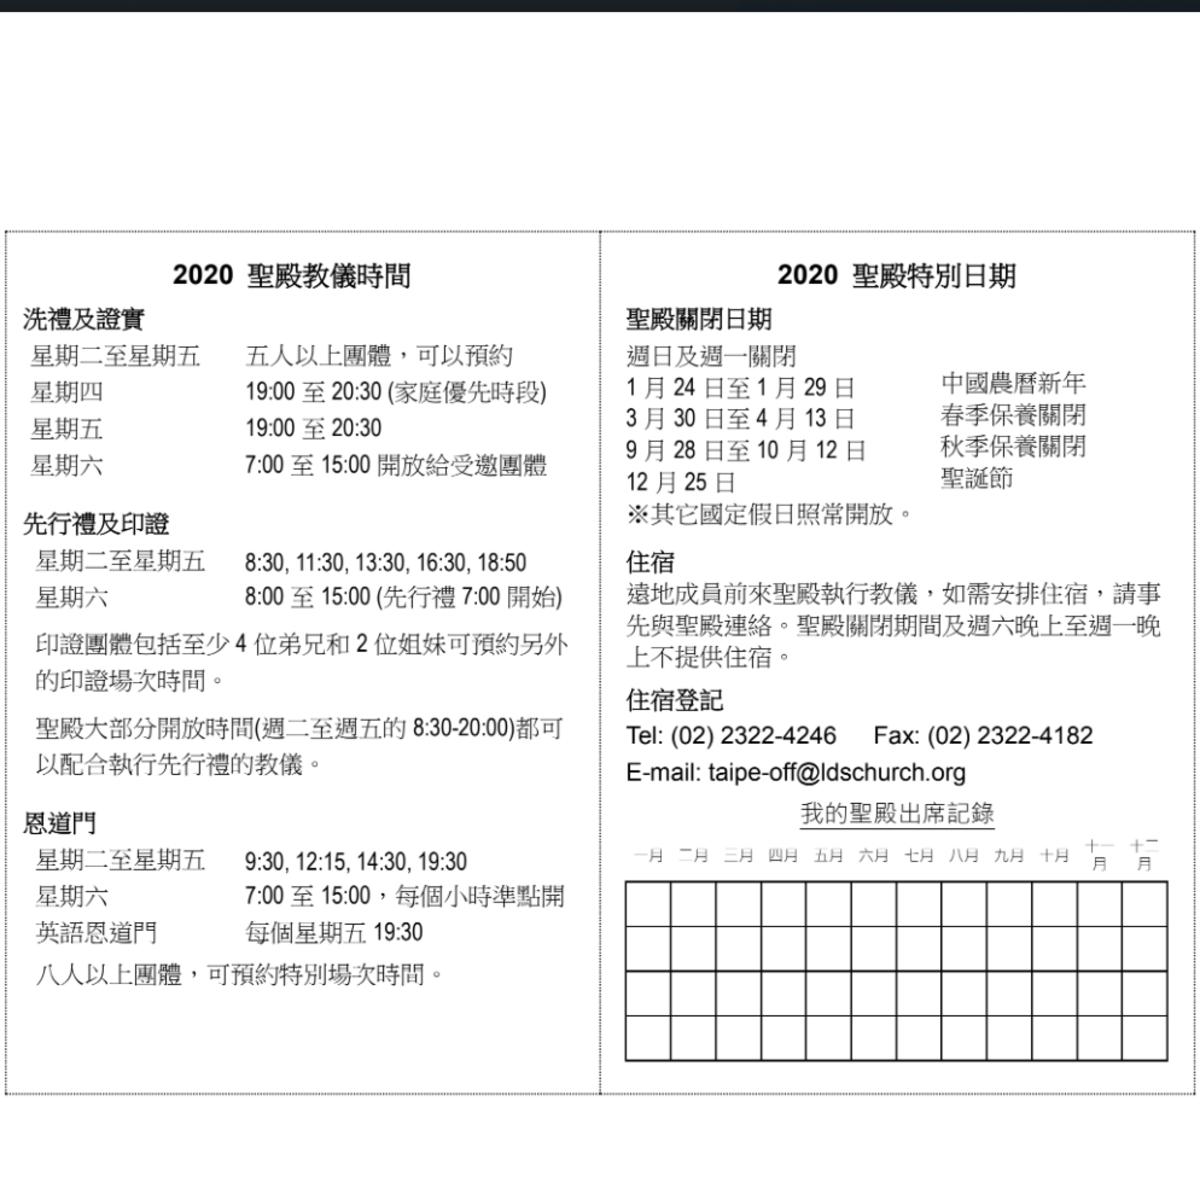 中文時間表1